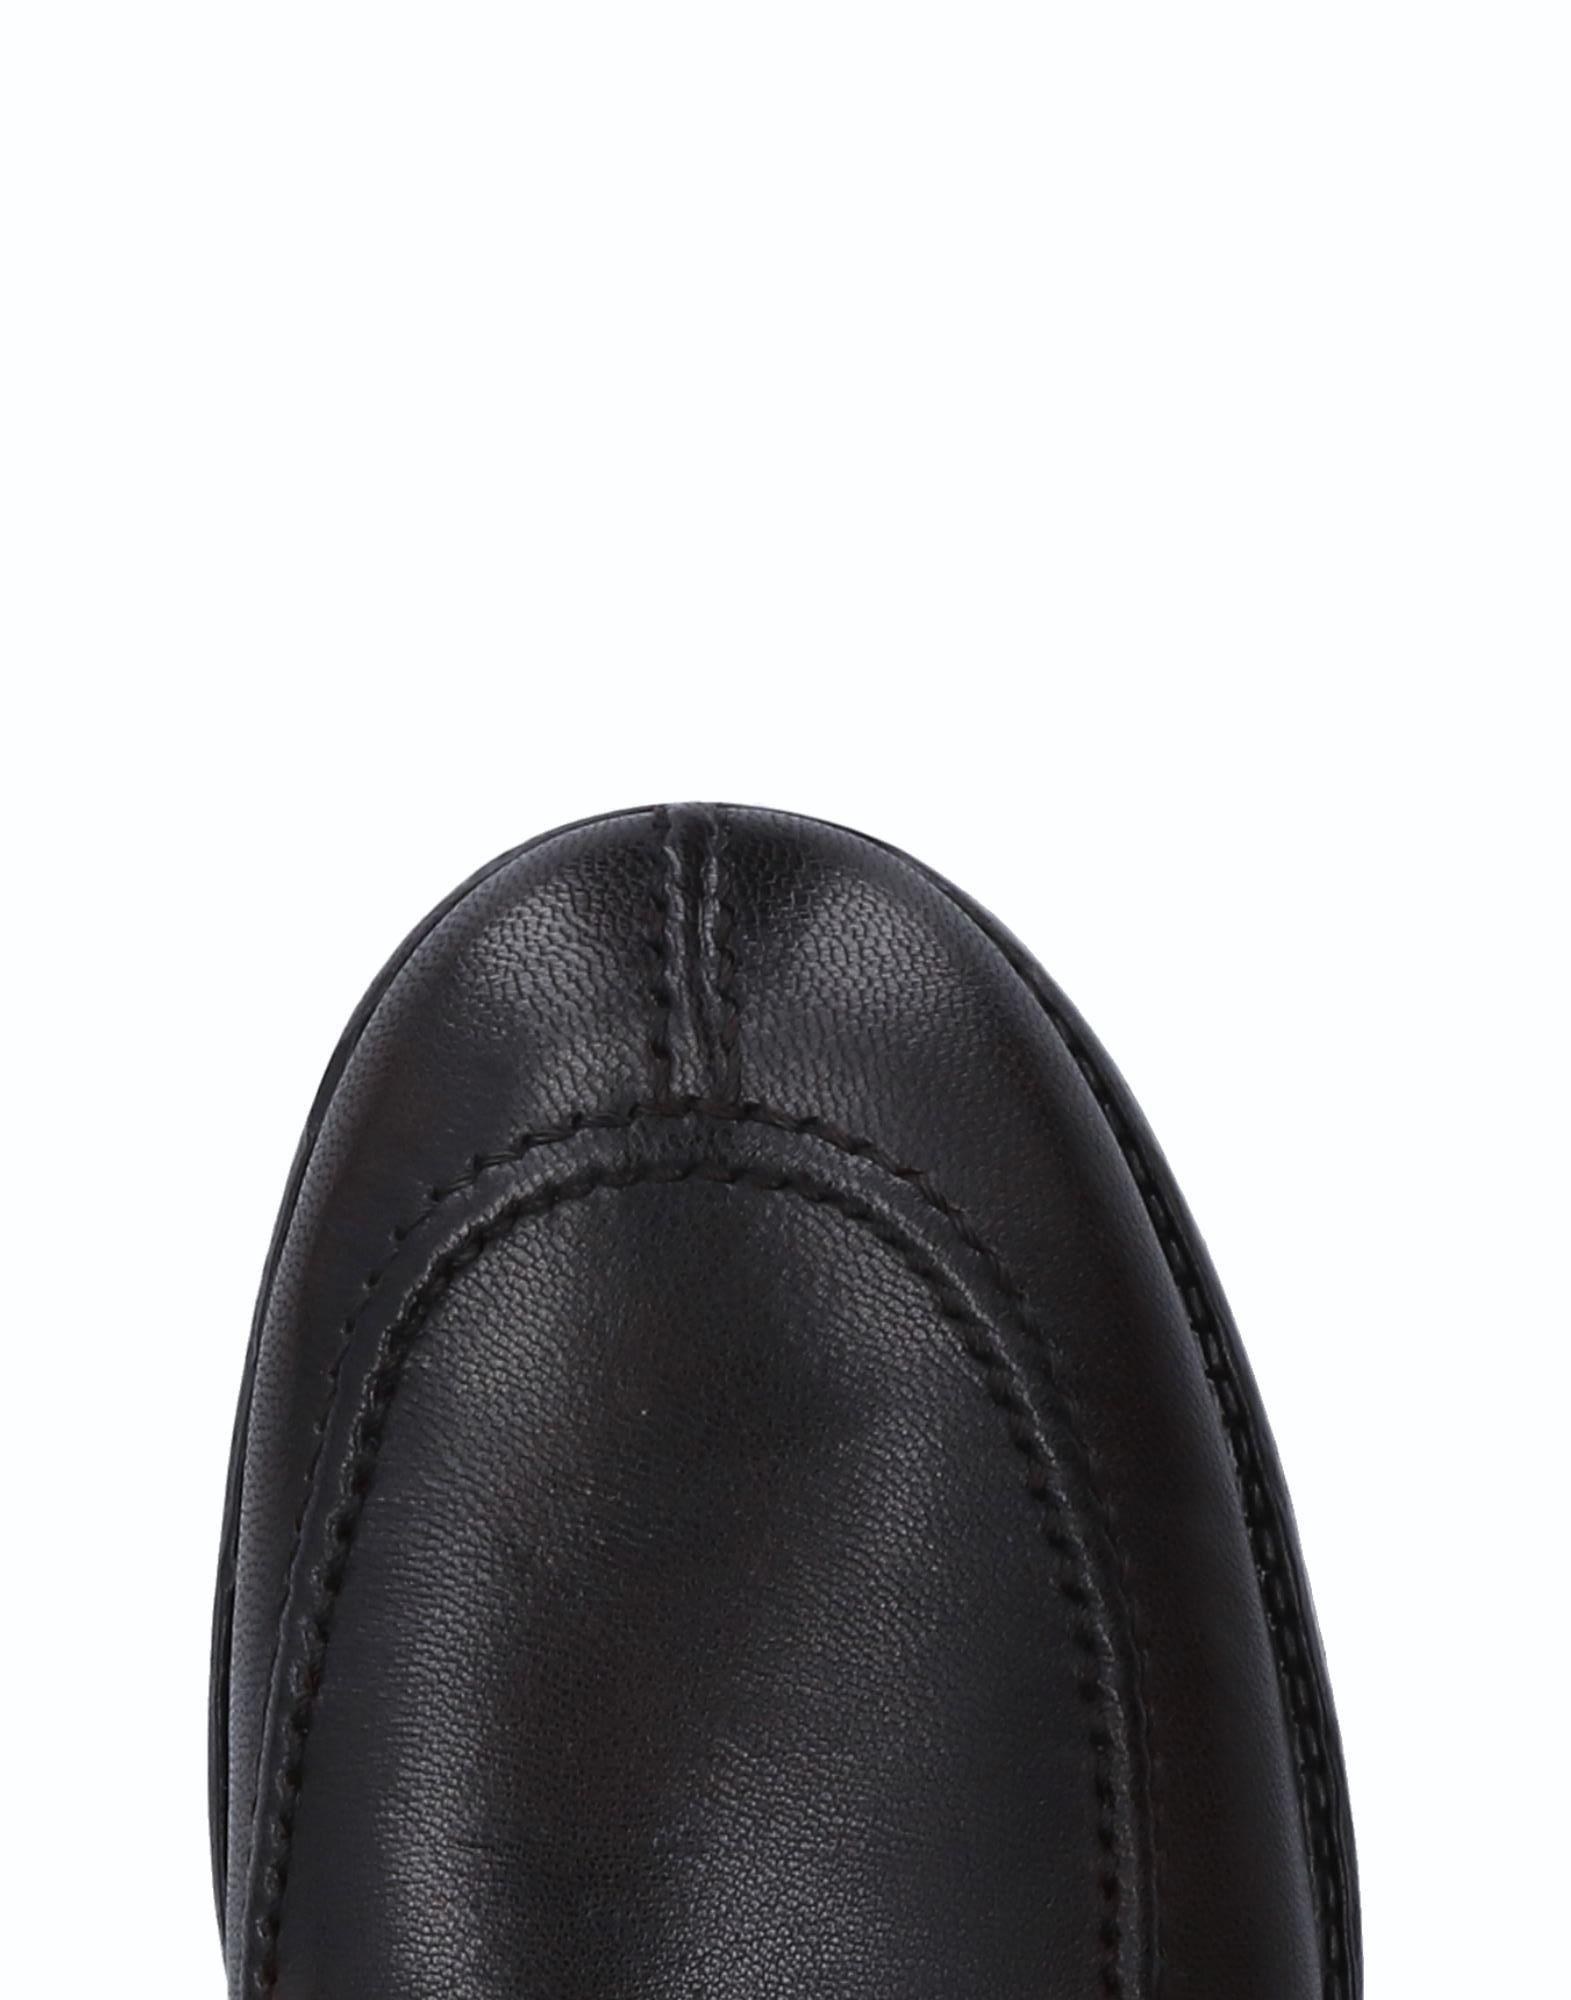 Rabatt Botticelli echte Schuhe Roberto Botticelli Rabatt Mokassins Herren  11515559QO fa8158